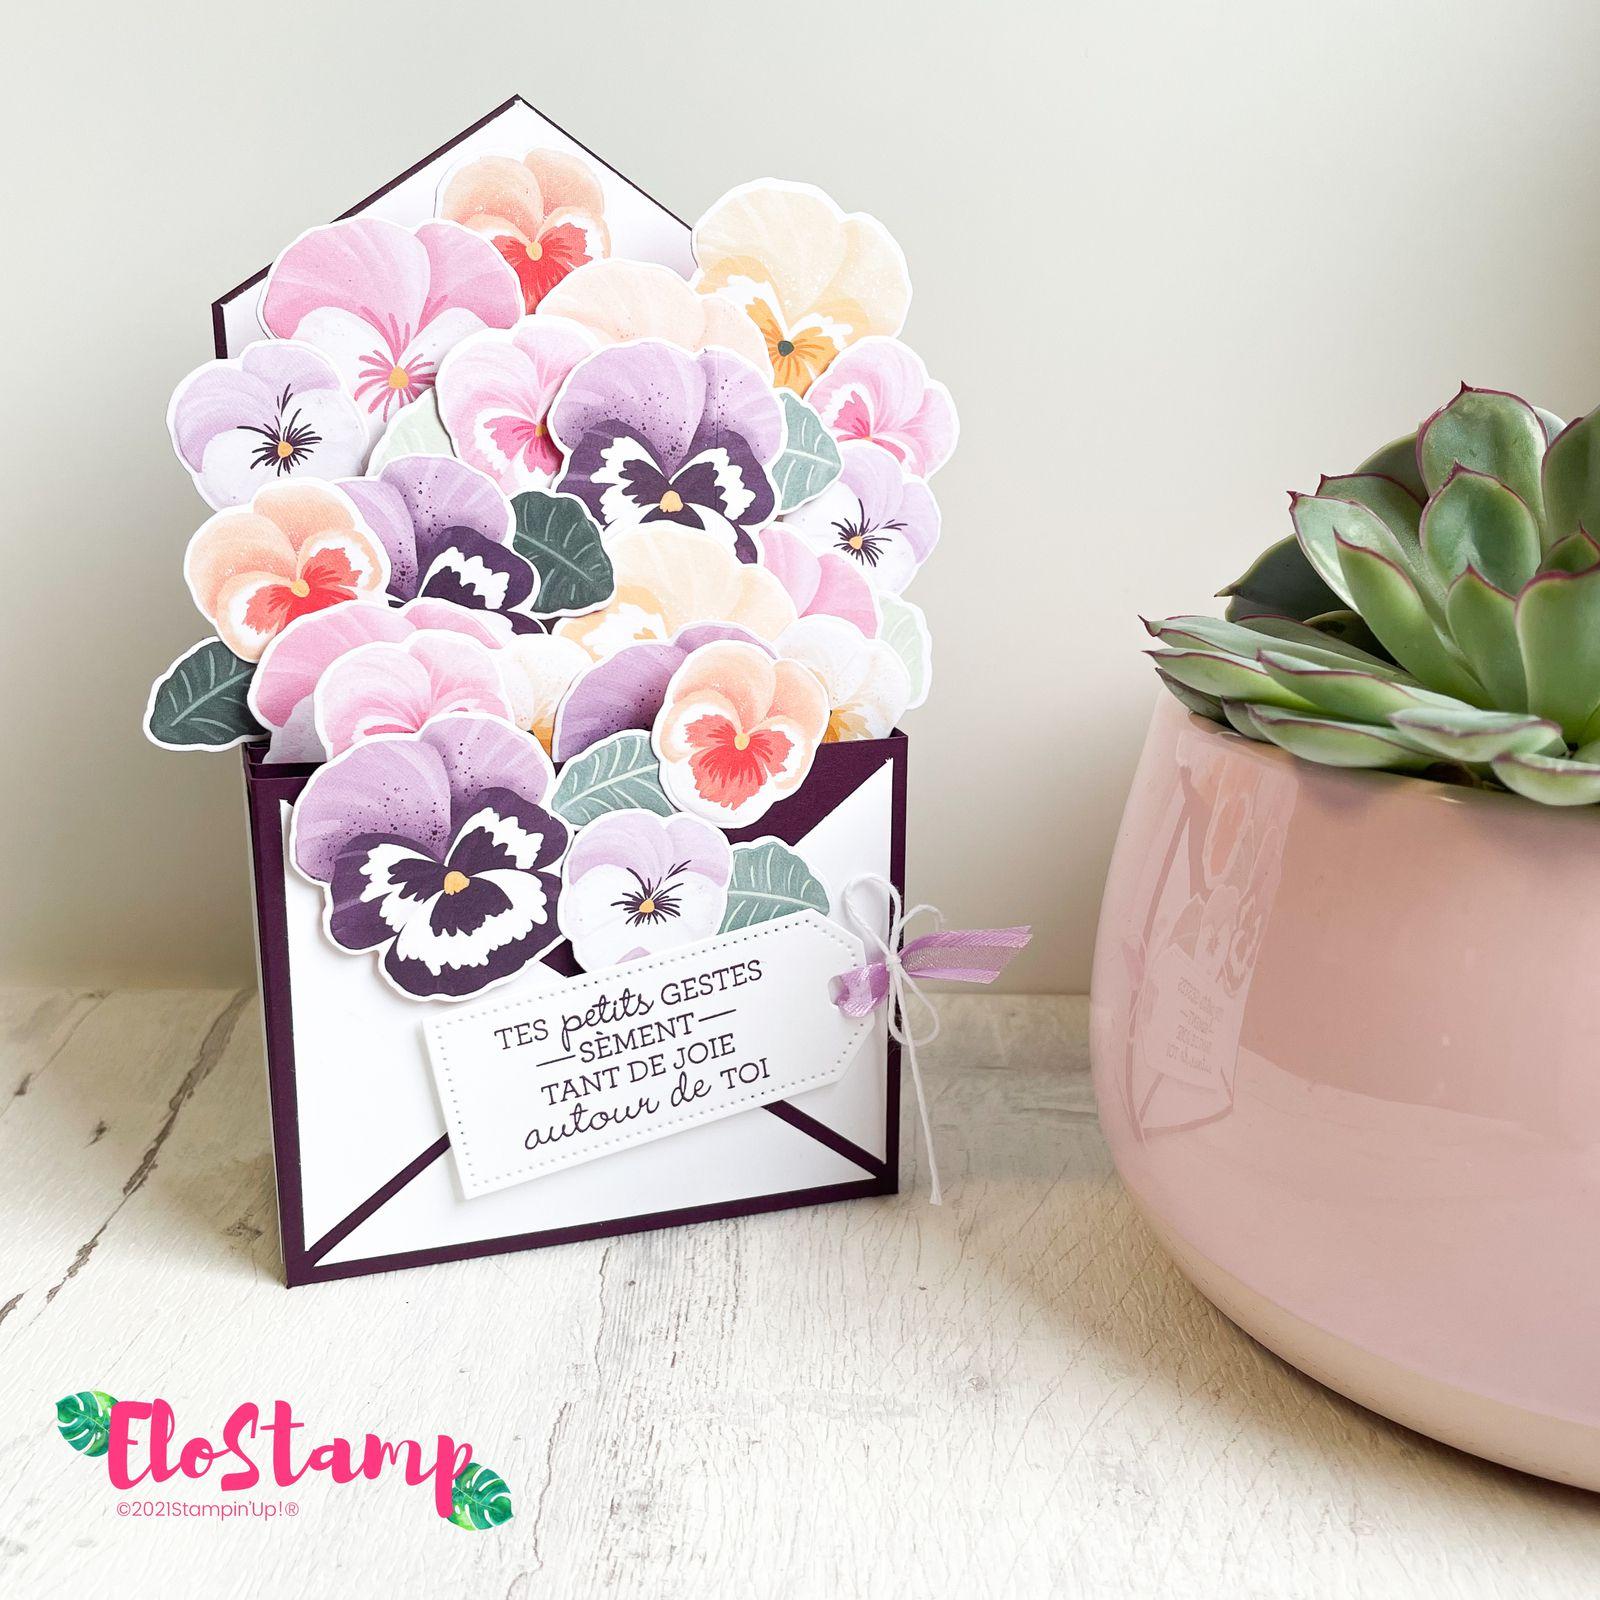 Enveloppe fleurie pour notre prochain rendez-vous créatif